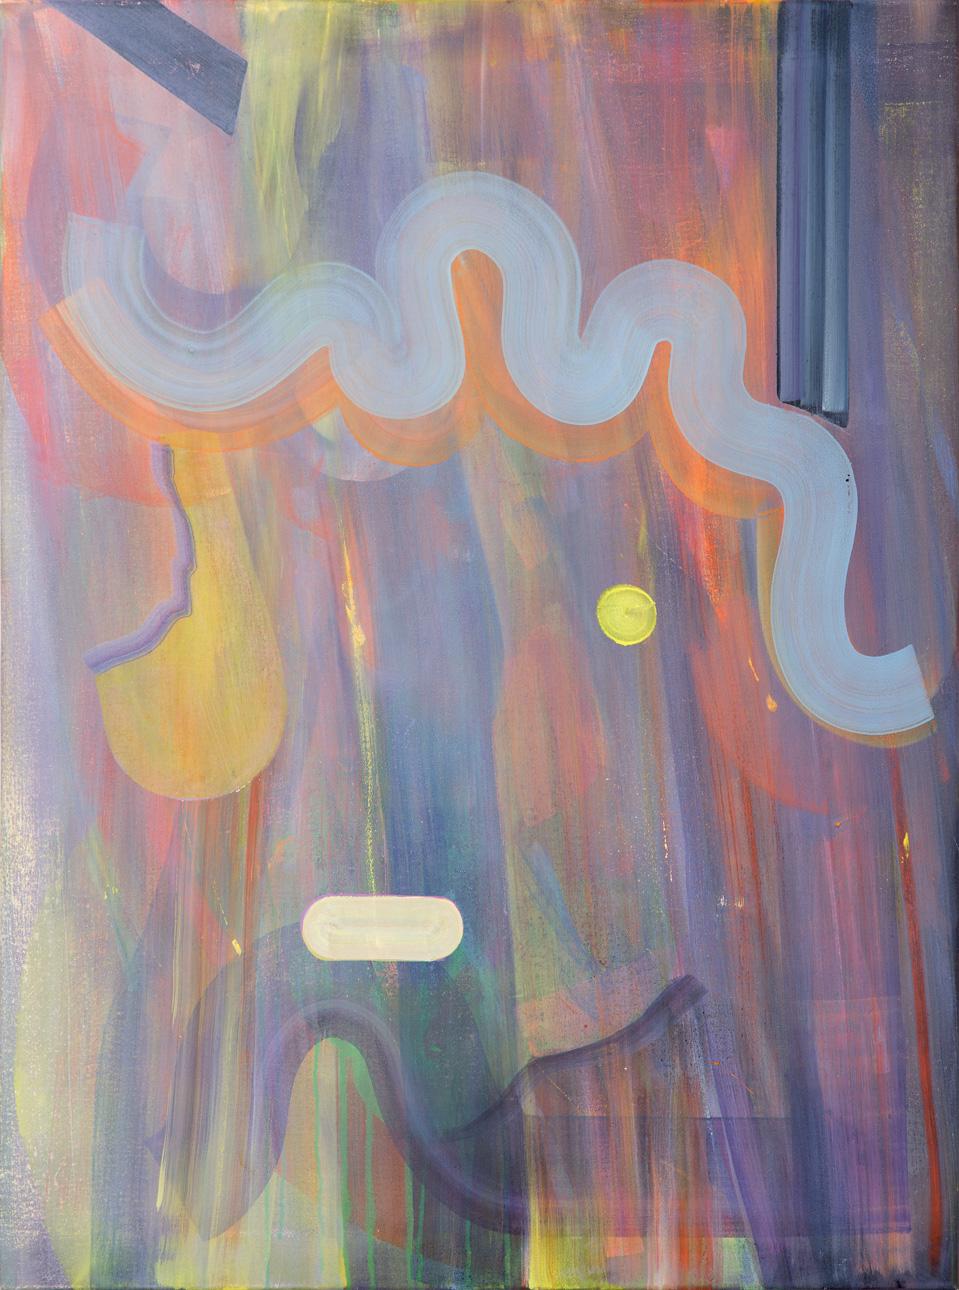 Girl, oil on canvas, 80cm x 60cm, 2015